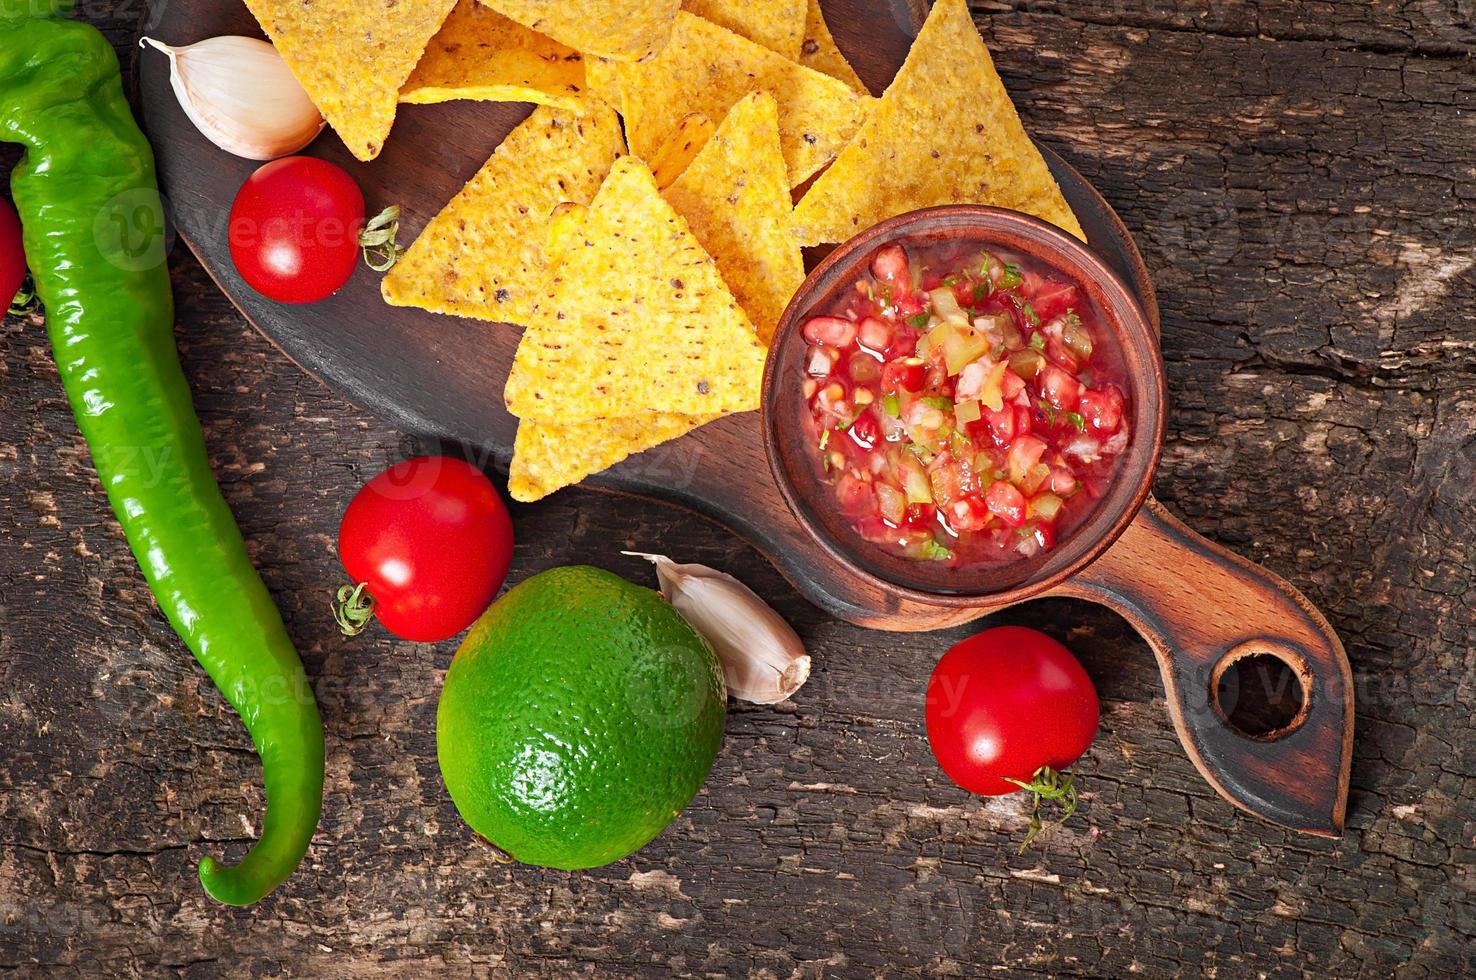 mexikanische Nacho-Chips und Salsa-Dip in der Schüssel foto